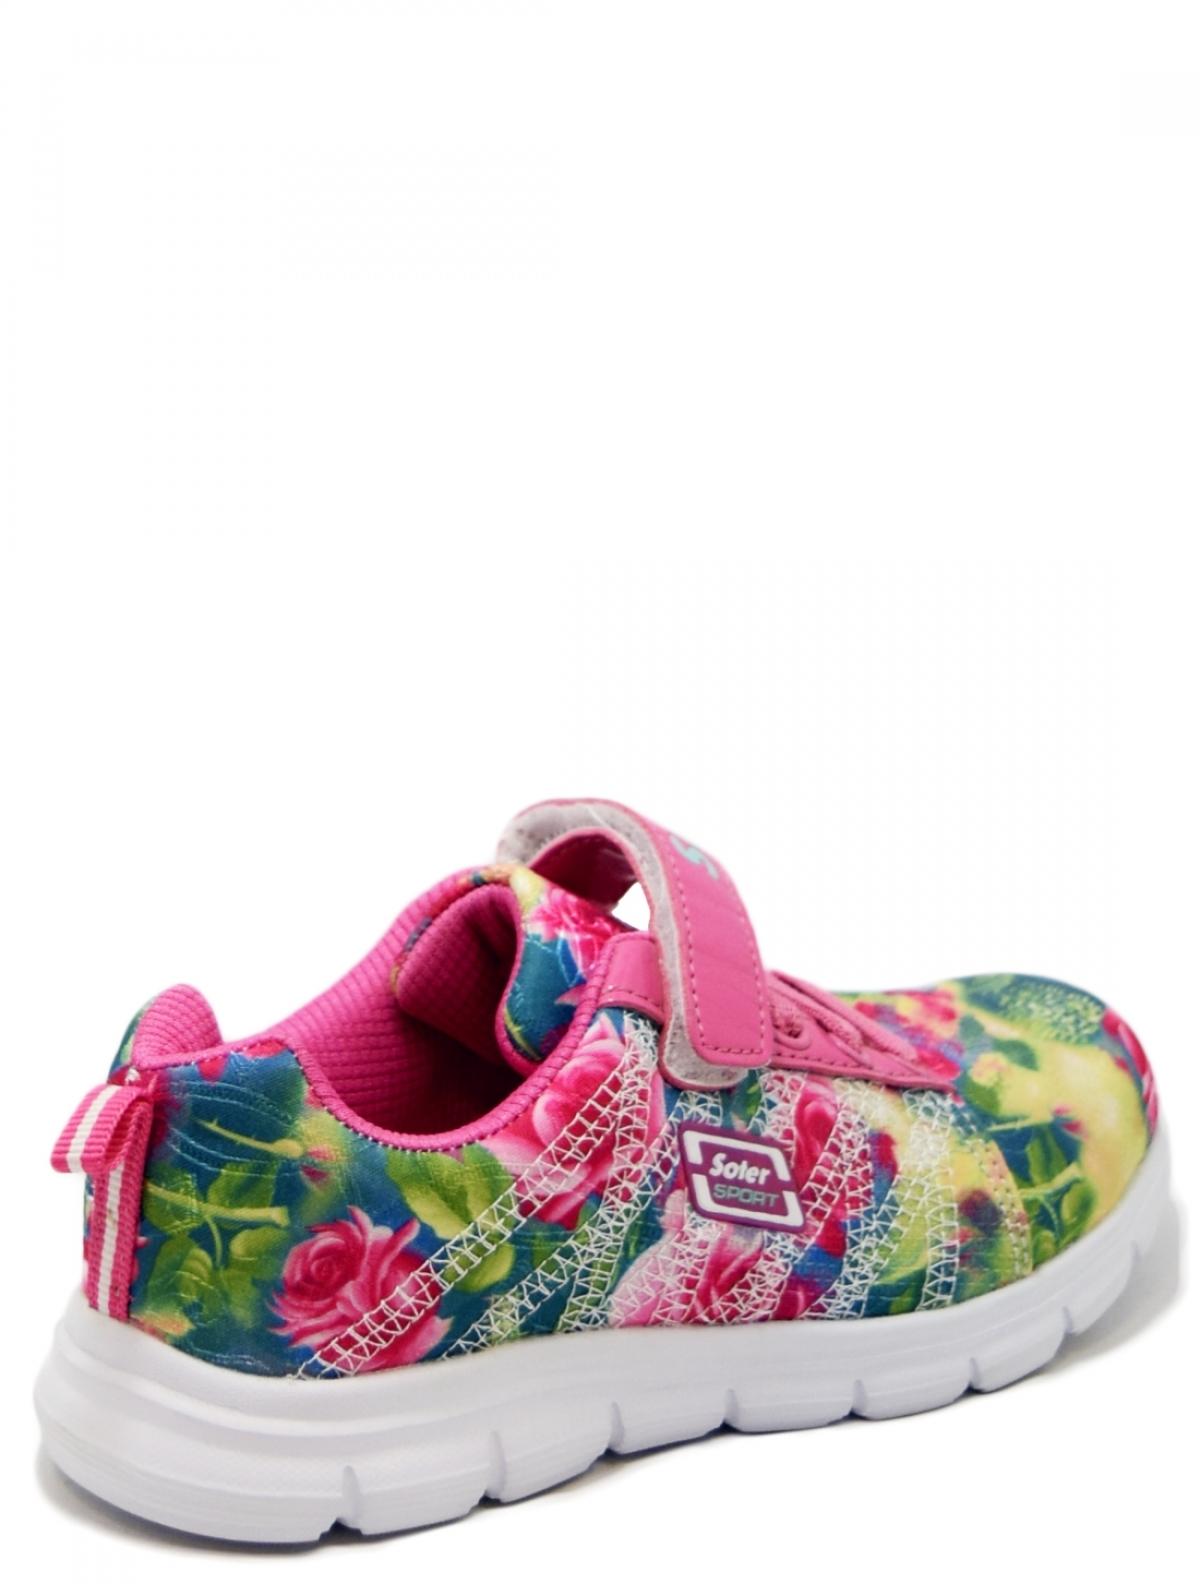 Soter FT53482 кроссовки для девочки